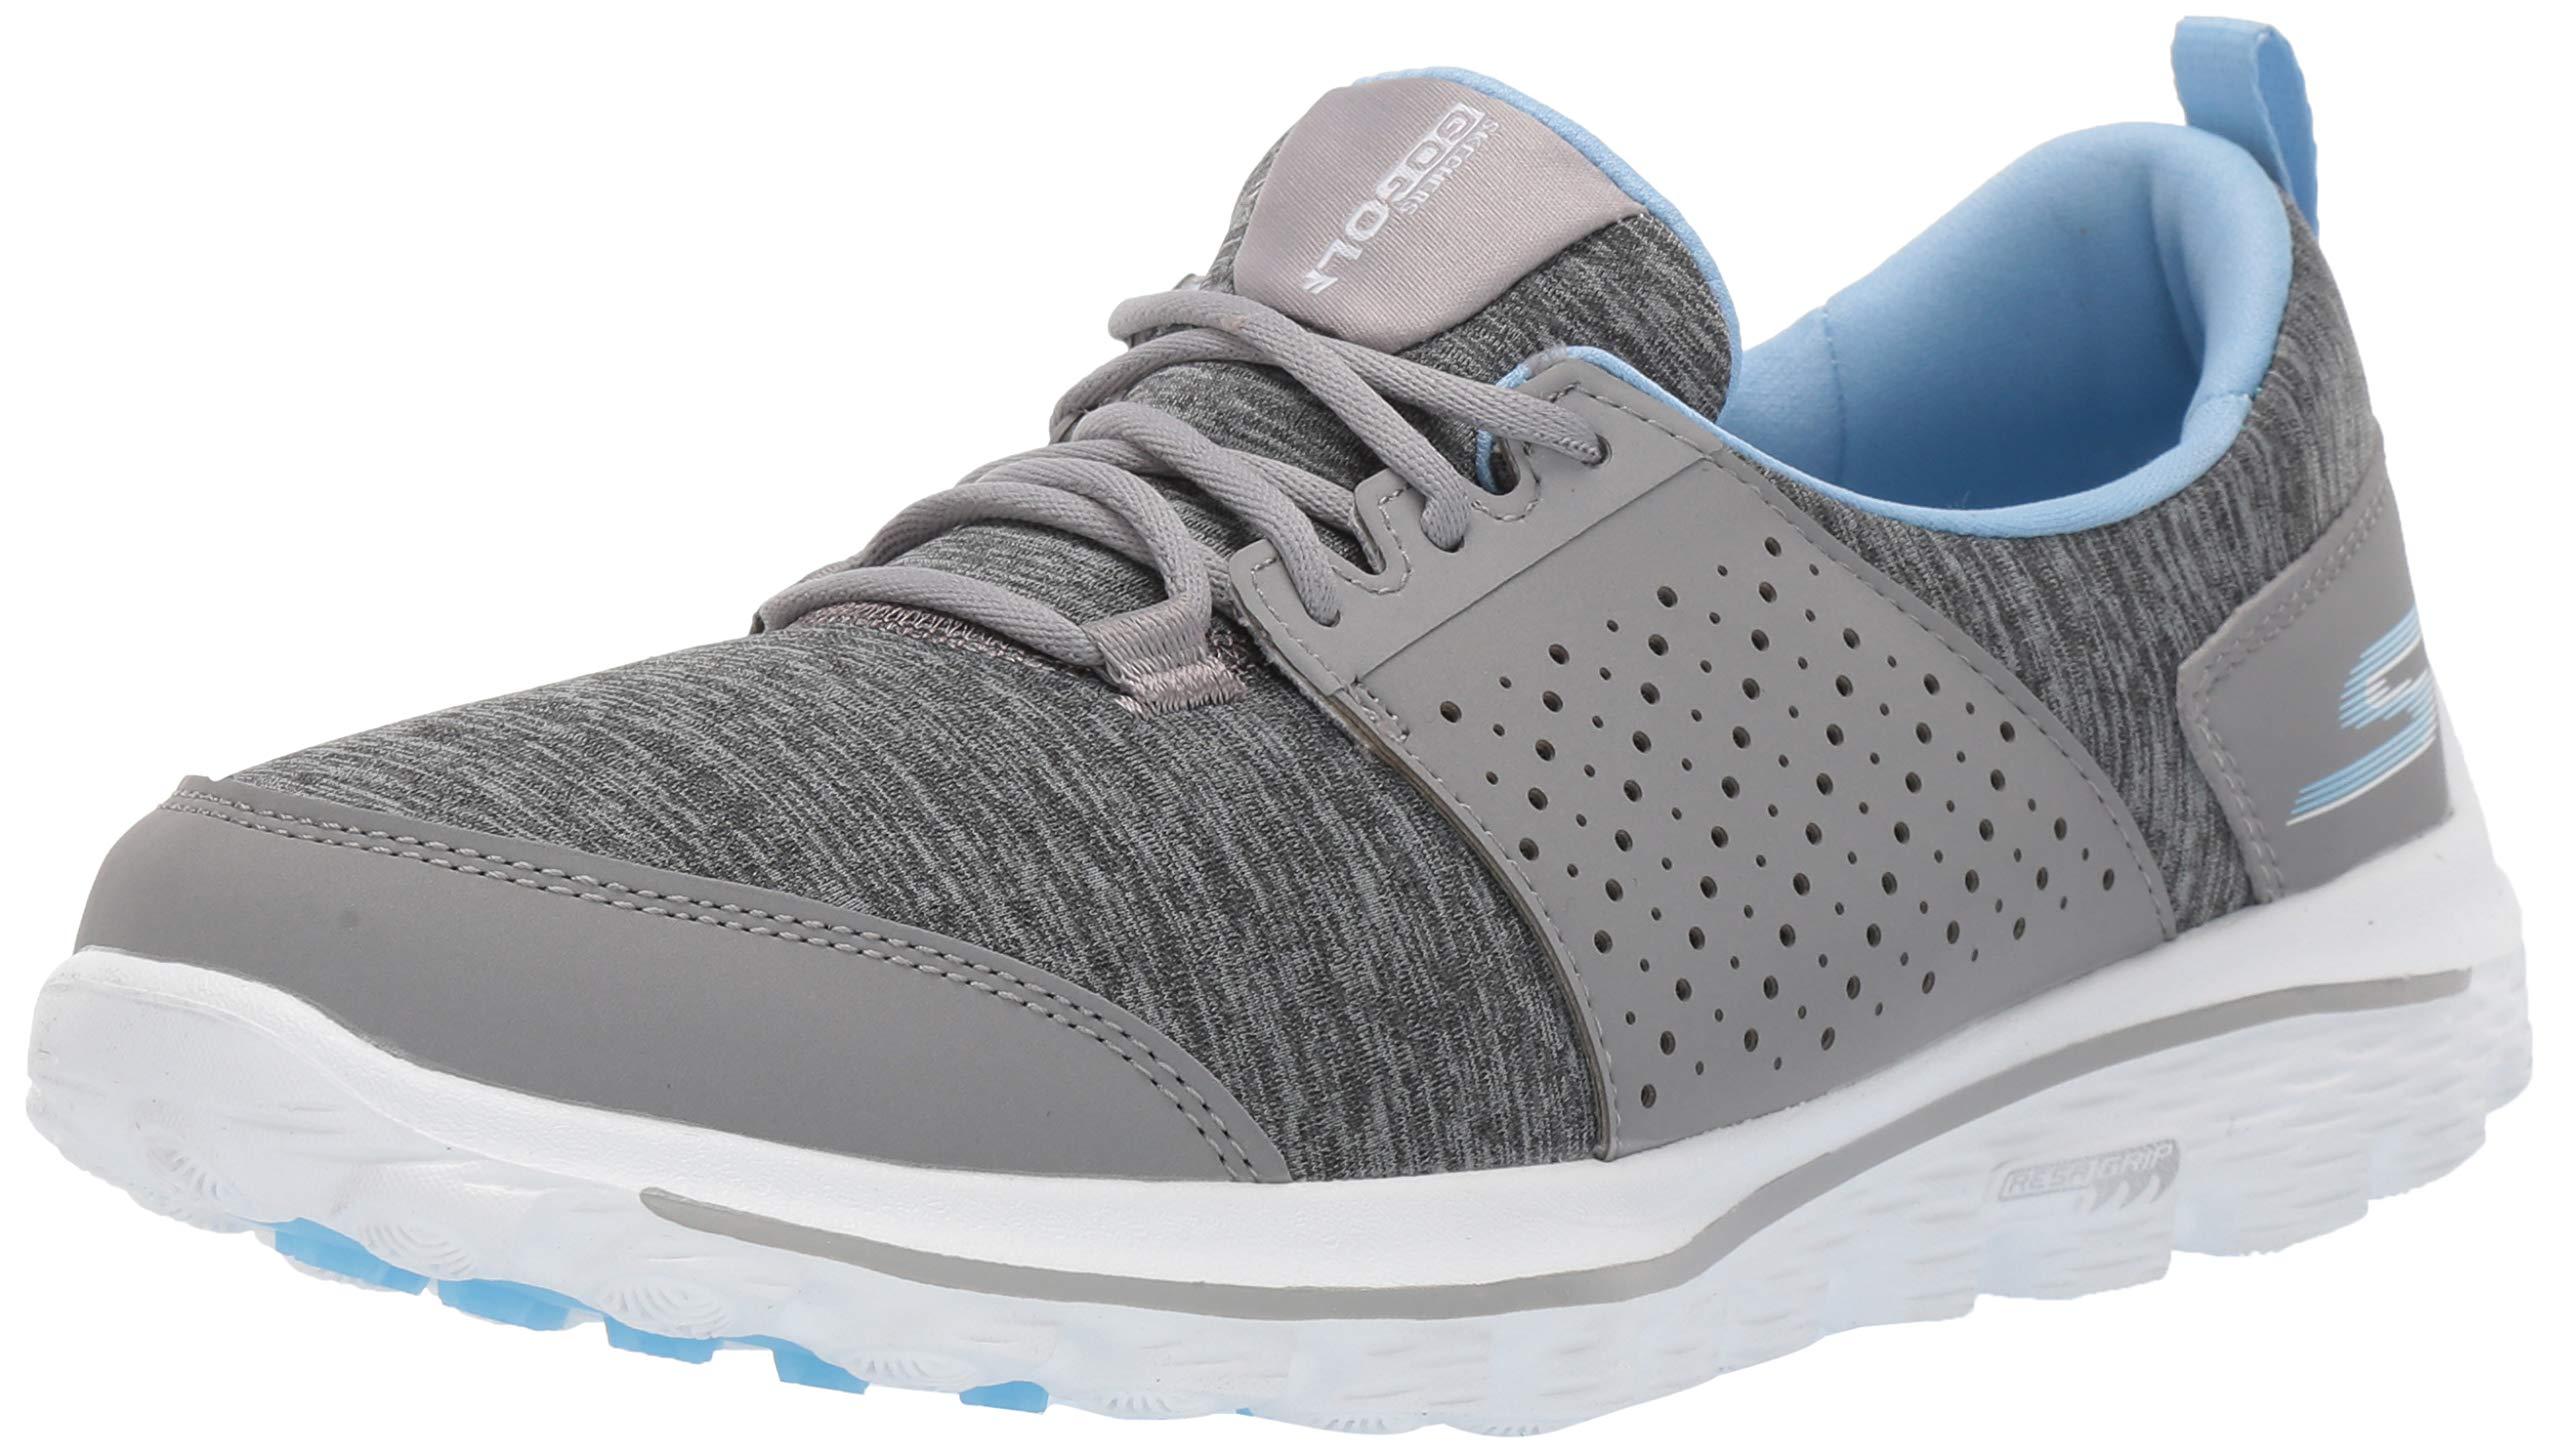 Skechers Women's Go Walk 2 Sugar Relaxed Fit Golf Shoe, Gray/Blue, 8.5 M US by Skechers